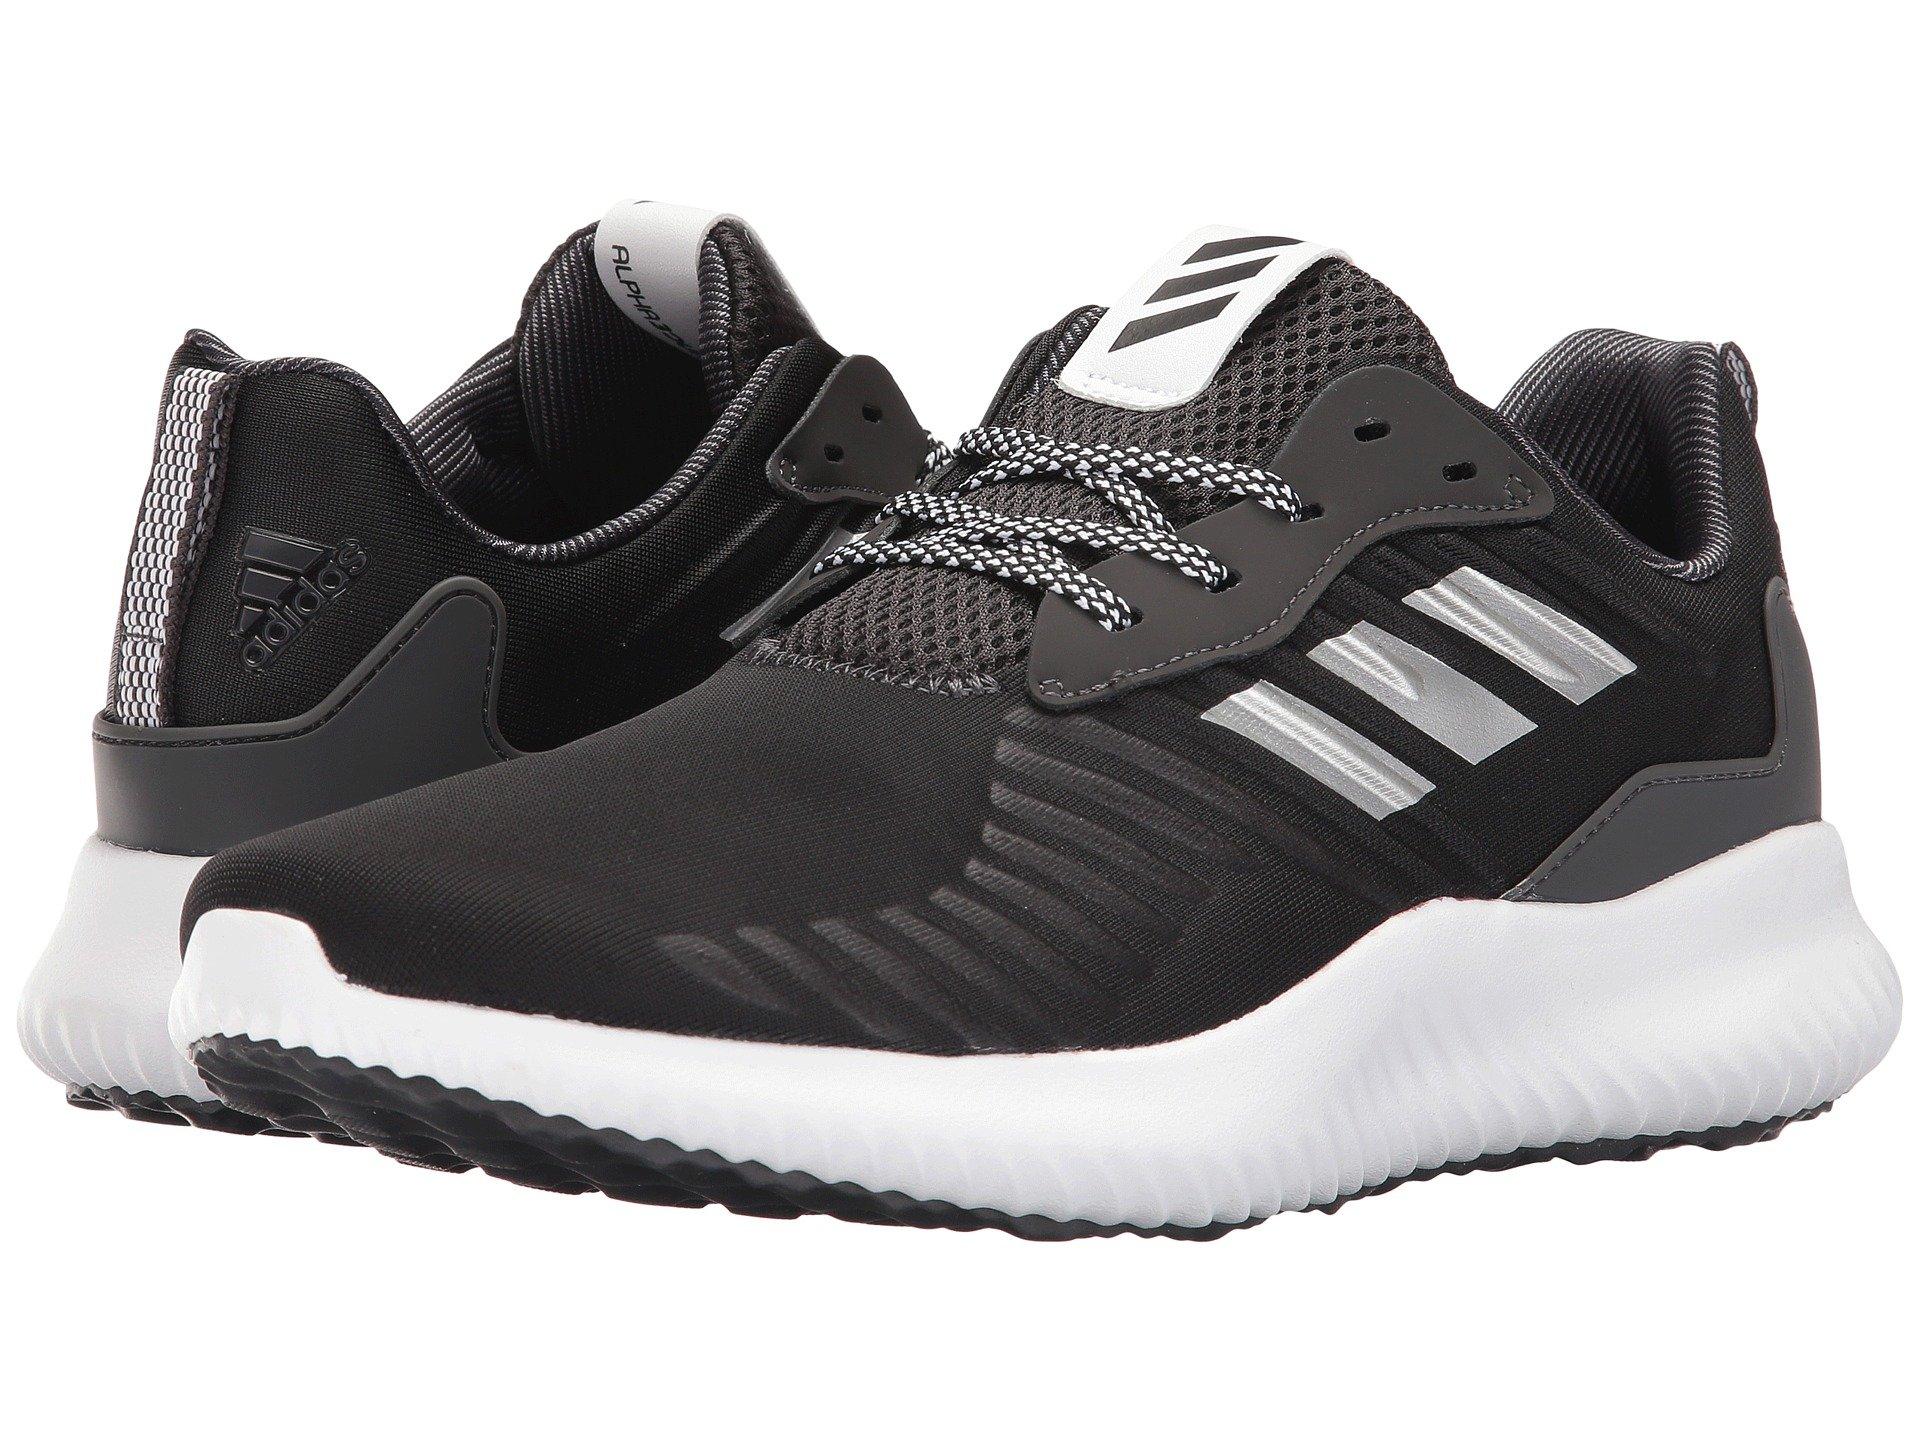 Adidas Originals AlphaBounce RC, negro / blanco / negro modesens